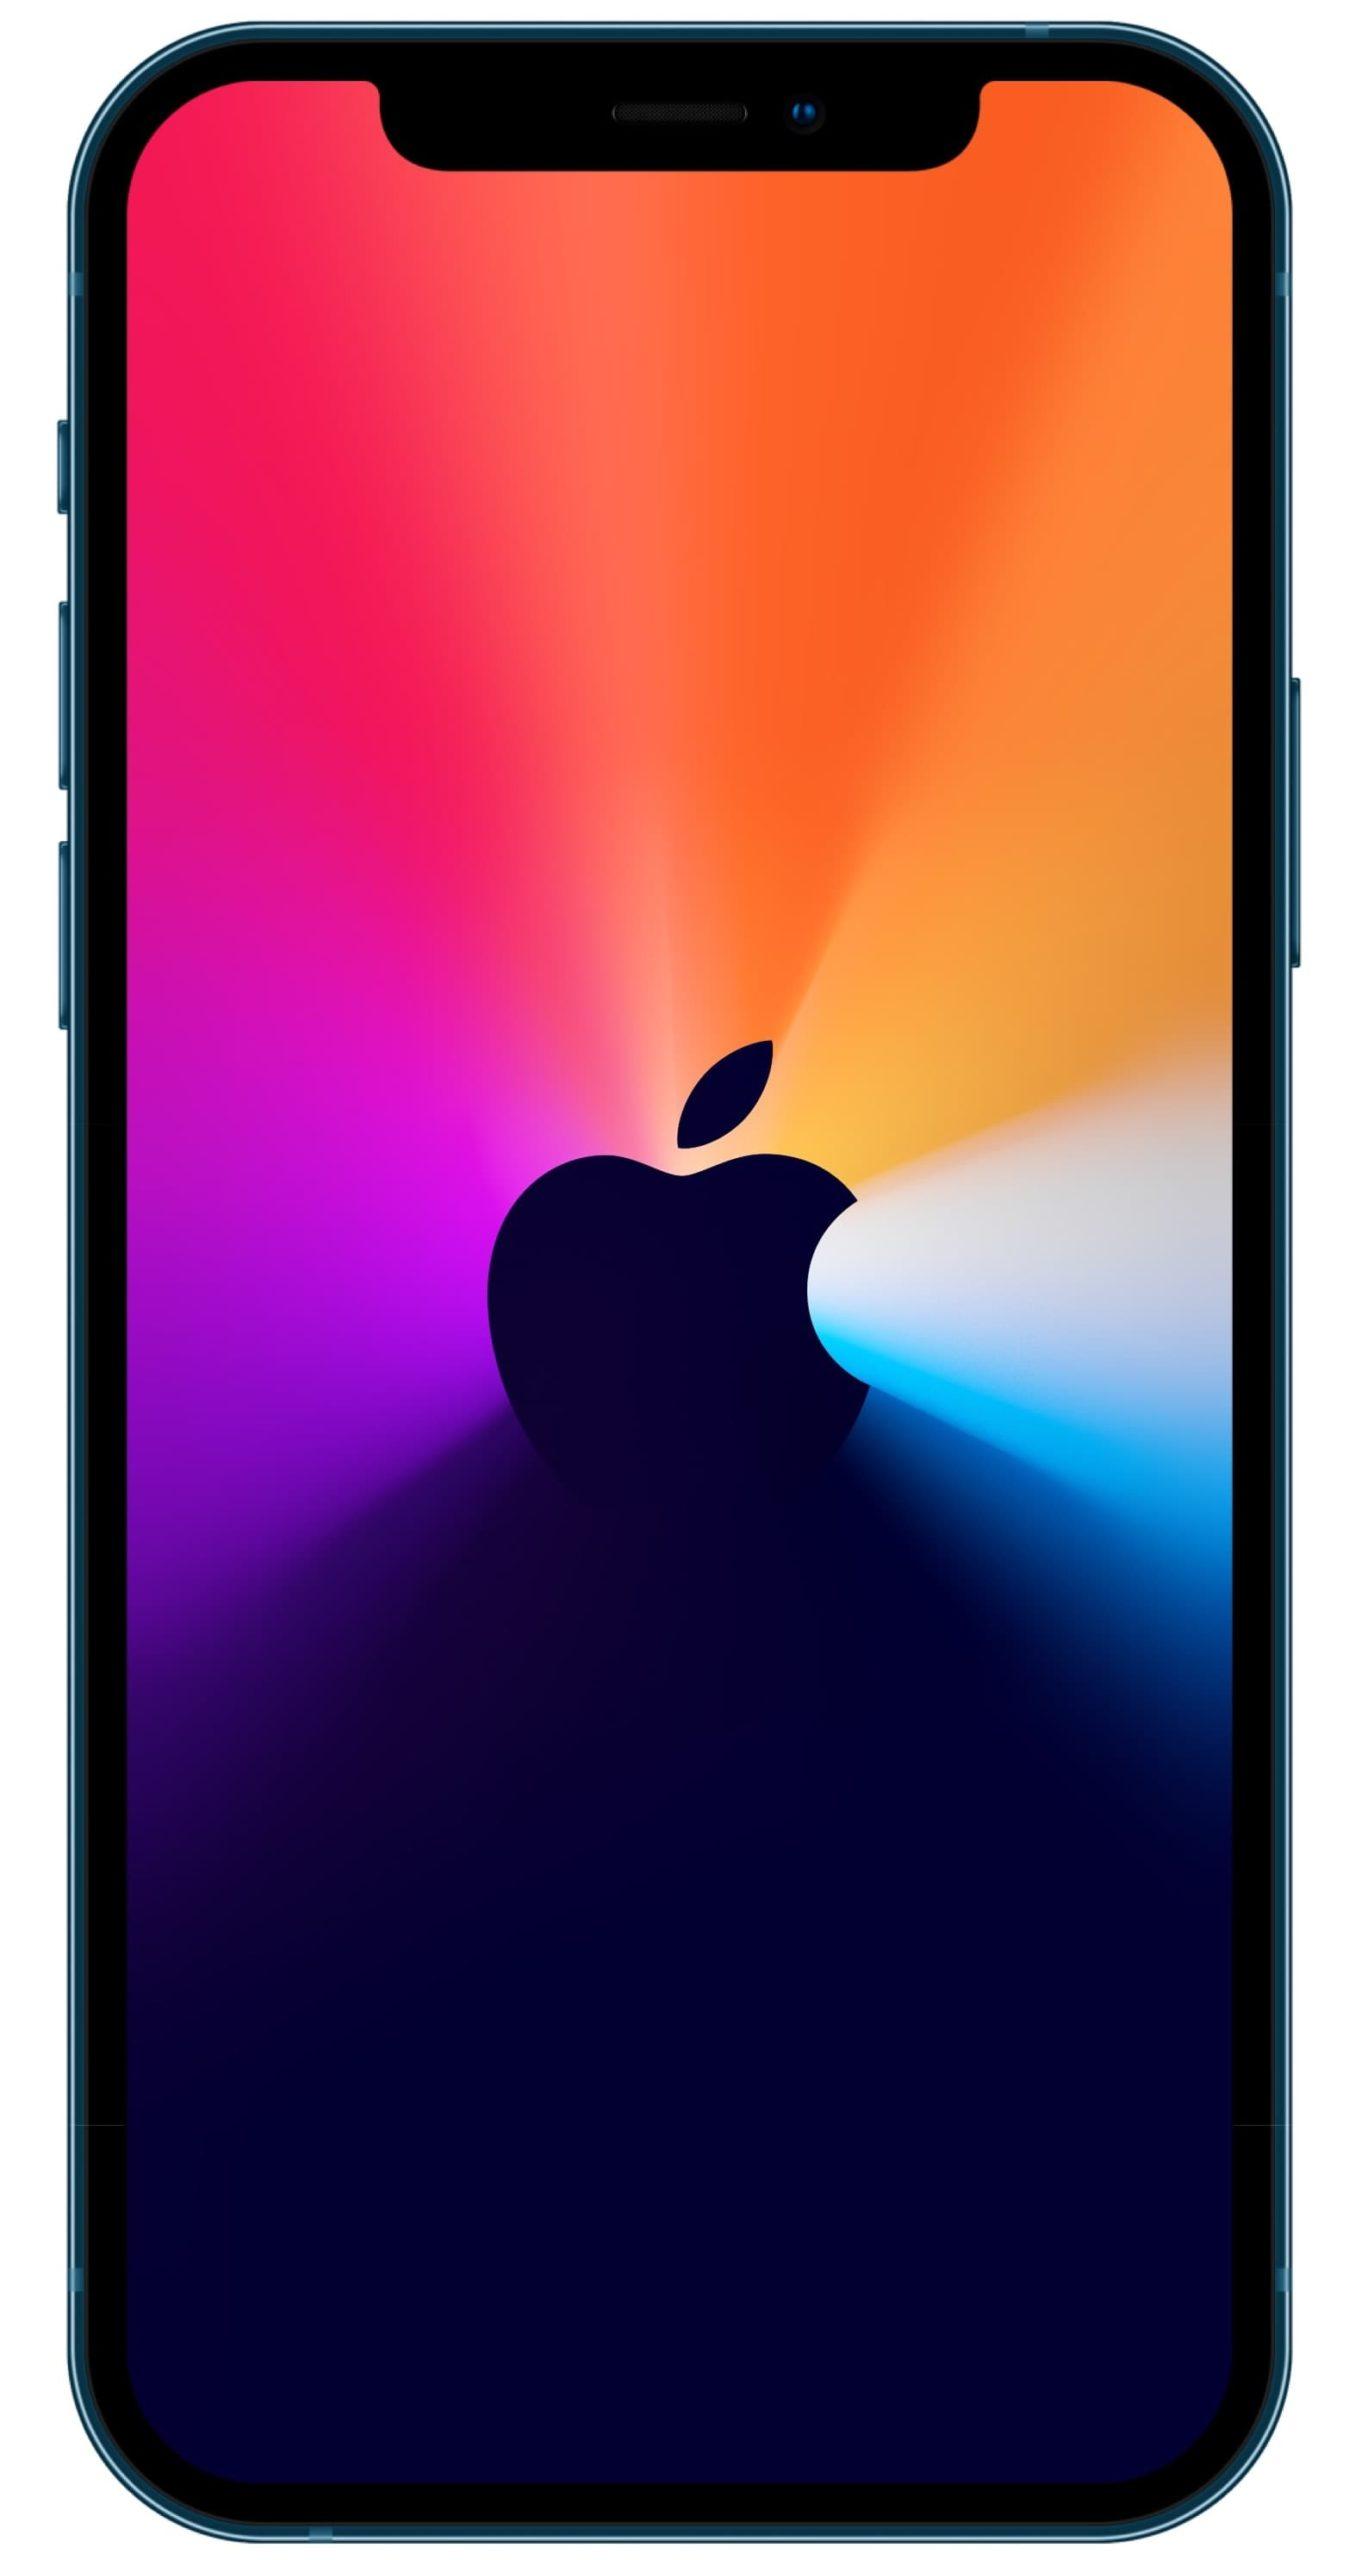 2020 蘋果11月發表會桌布下載,共三款風格